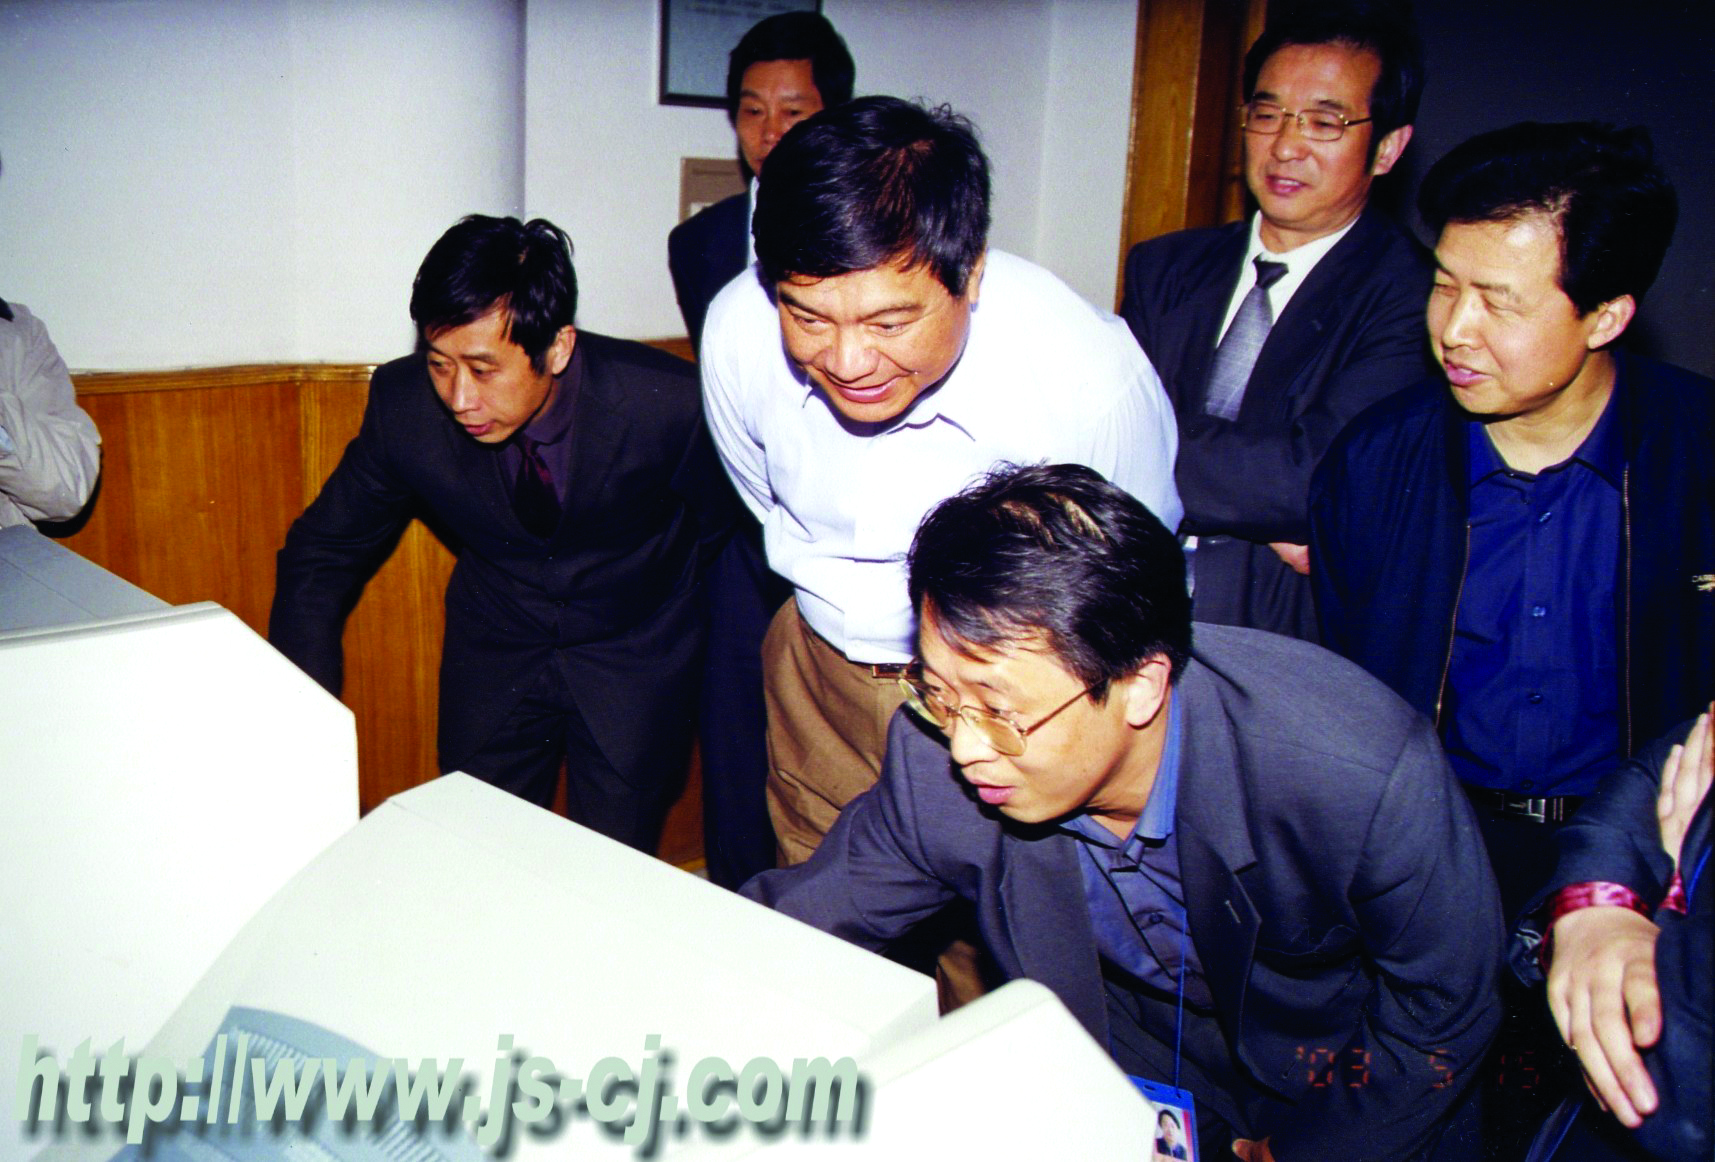 2003年5月,省建设厅厅长周游视察学校。